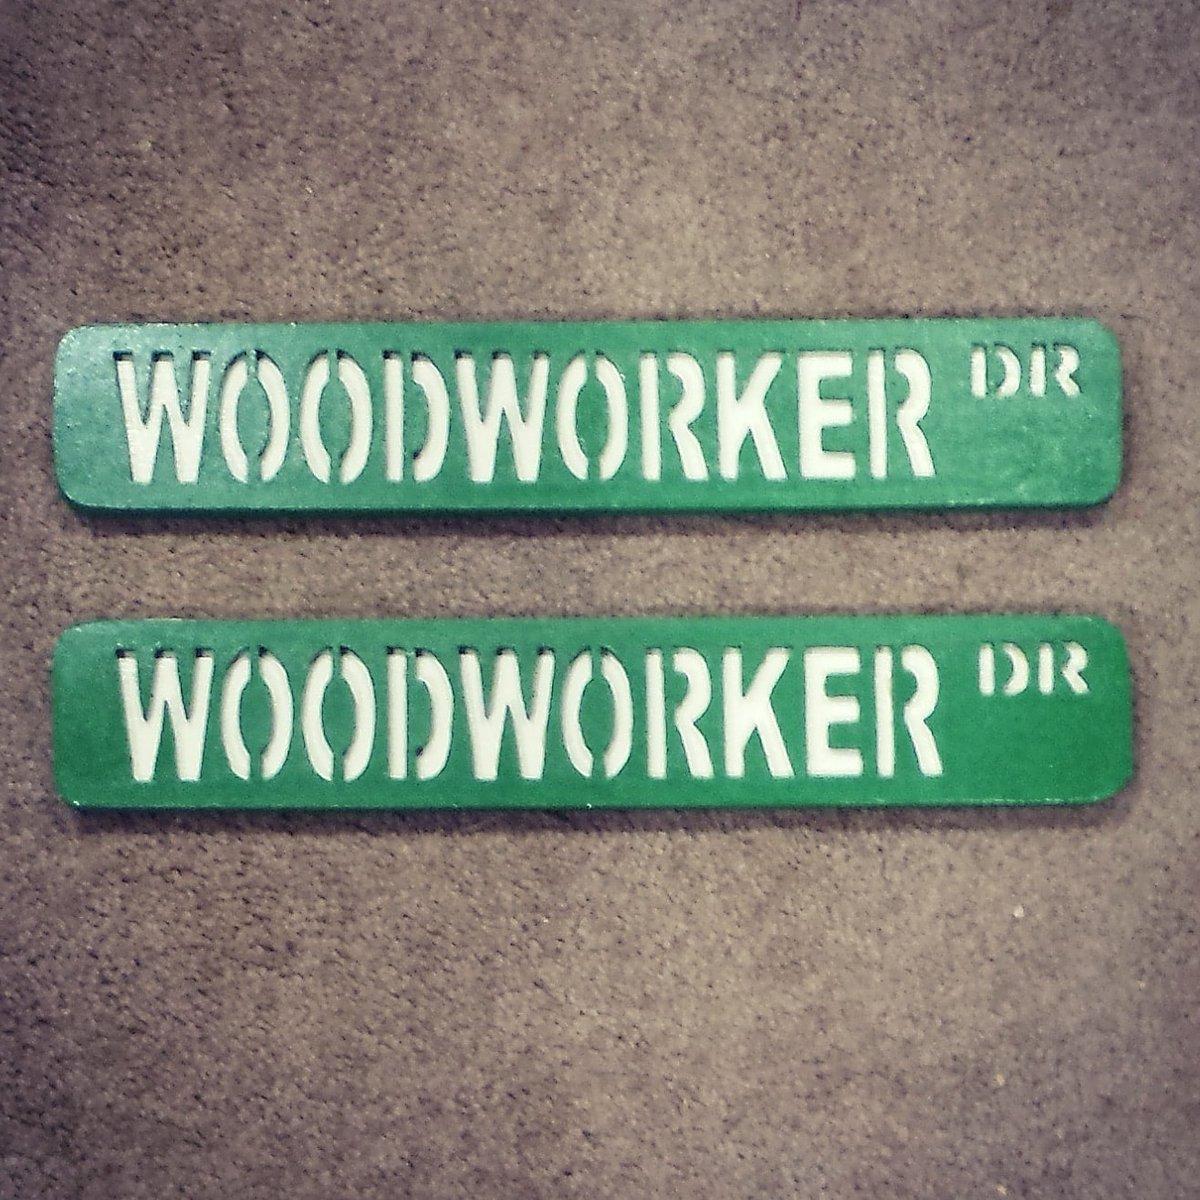 RT  #ArtisanPirate #artisan #pirate #maker #mentor #artist #igdaily #woodworker #entrepreneur #follow #scrollsaw #wood #woodwork #woodworking #handmade #diy #carpent…